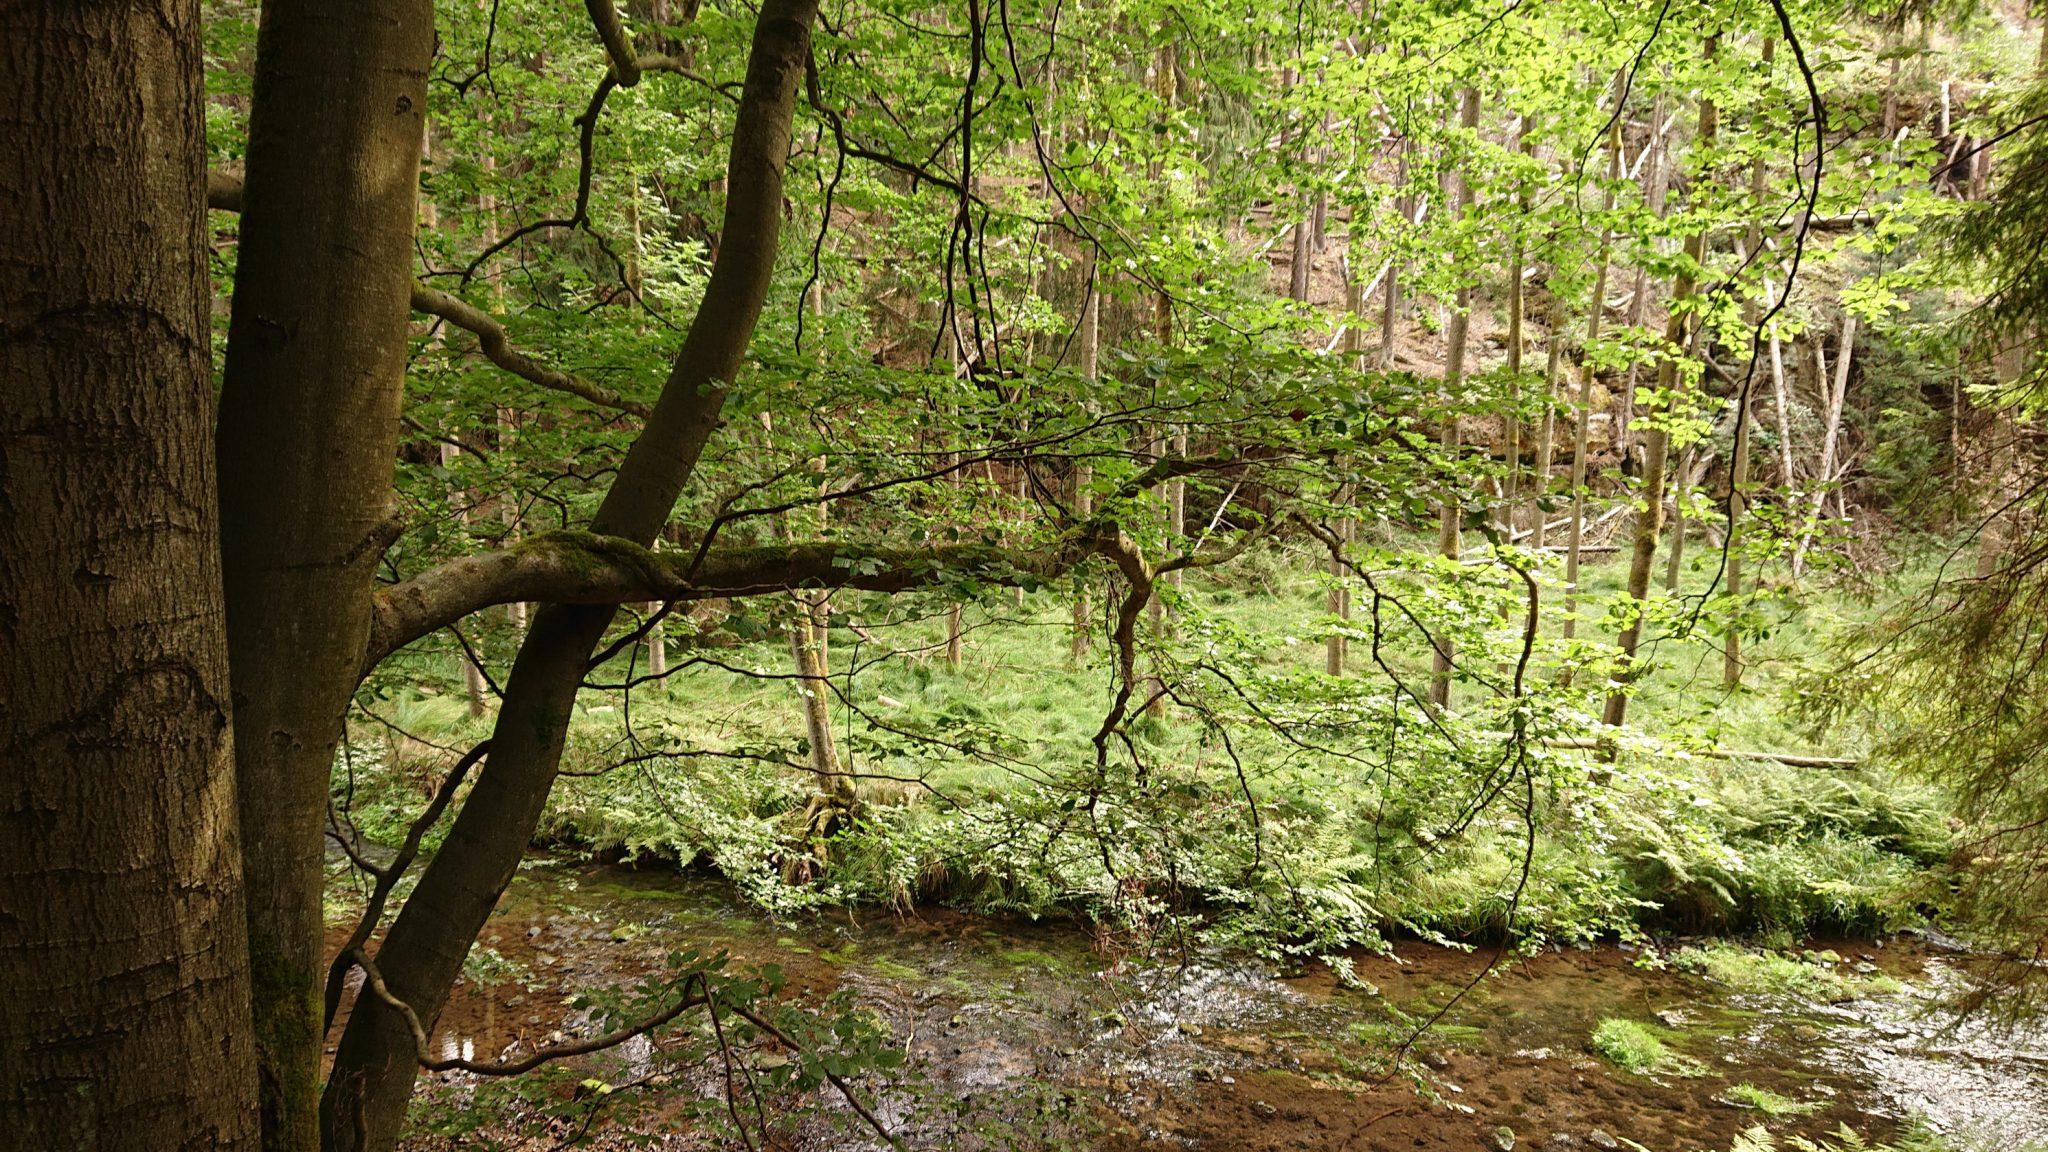 Kirnitzschklamm Hermanseck und Königsplatz im Kirnitzschtal wandern, Wanderweg im Wanderparadies Sächsische Schweiz mit vielen tollen Aussichten, riesiger Felsennationalpark, Bach fließt durch Nationalpark in die Kirnitzsch